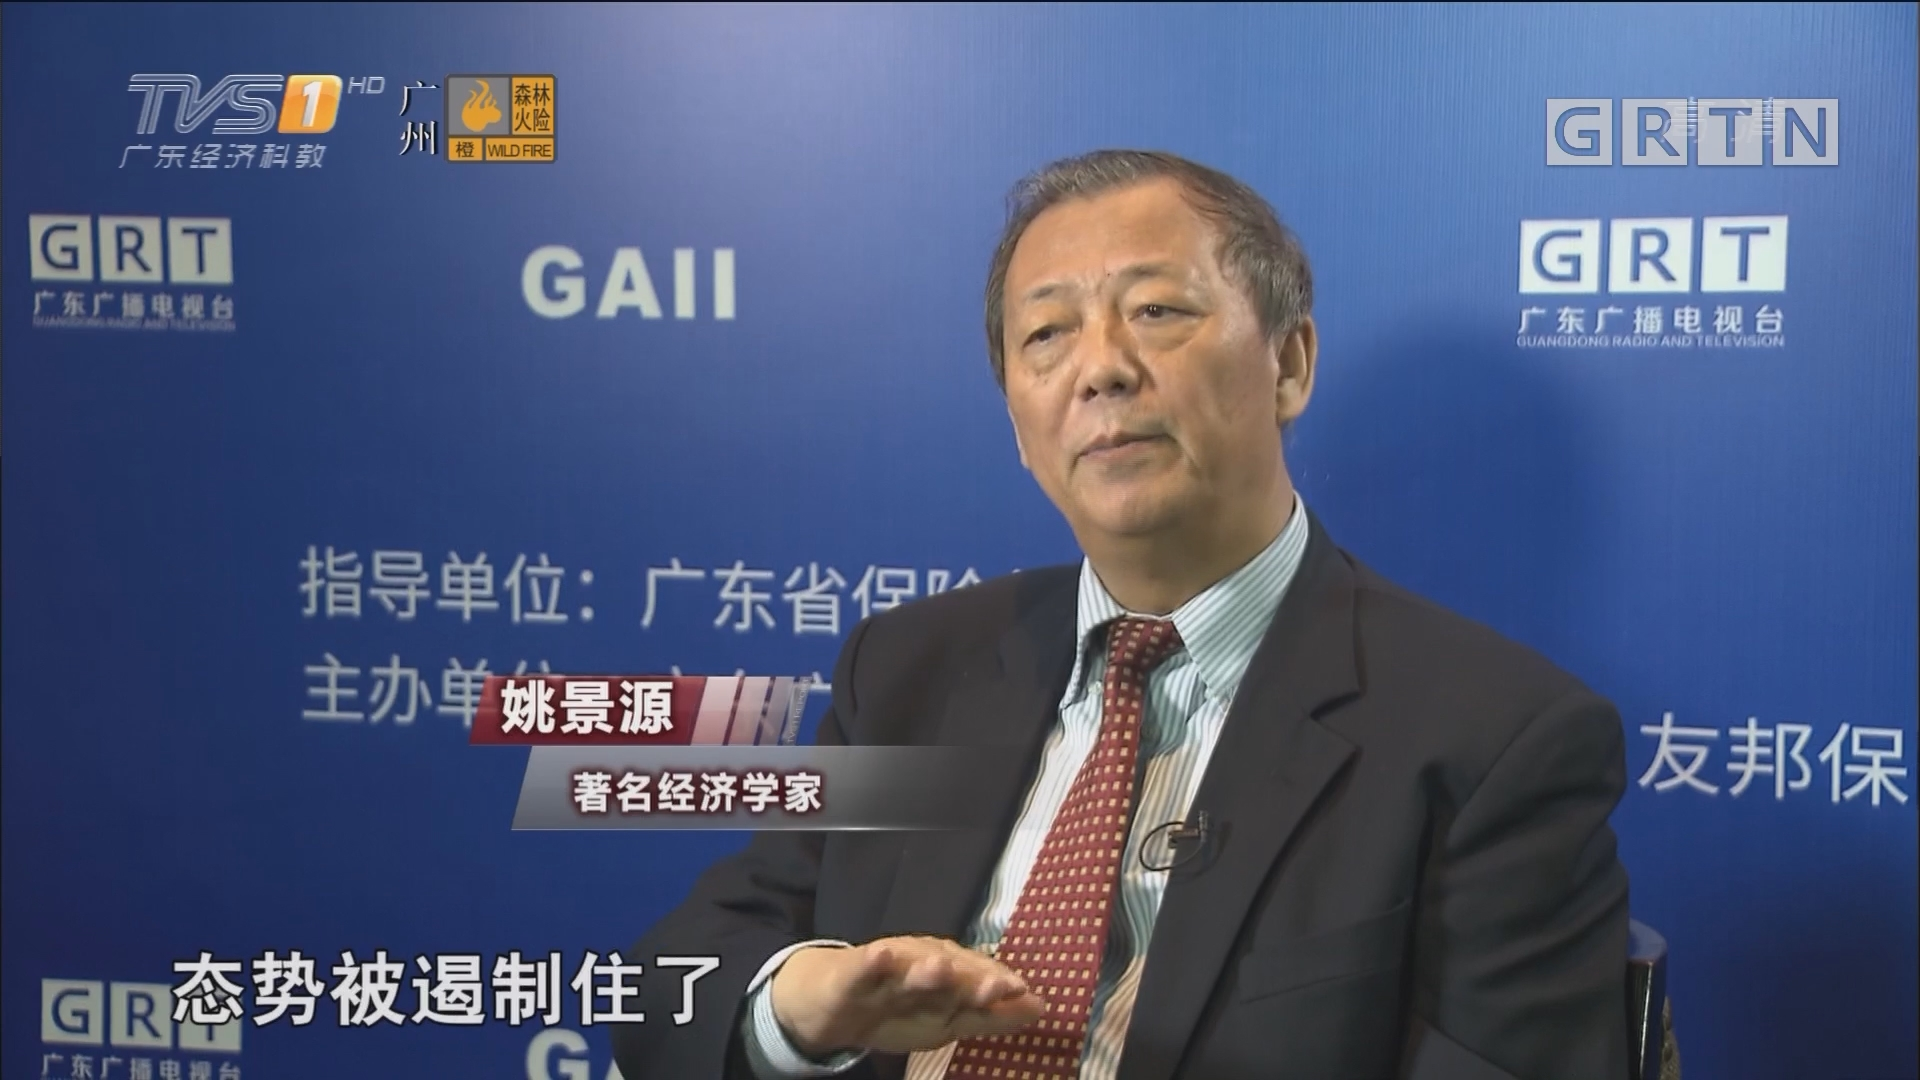 """珠江财富论坛 经济学家姚景源谈经济""""L型""""趋势"""